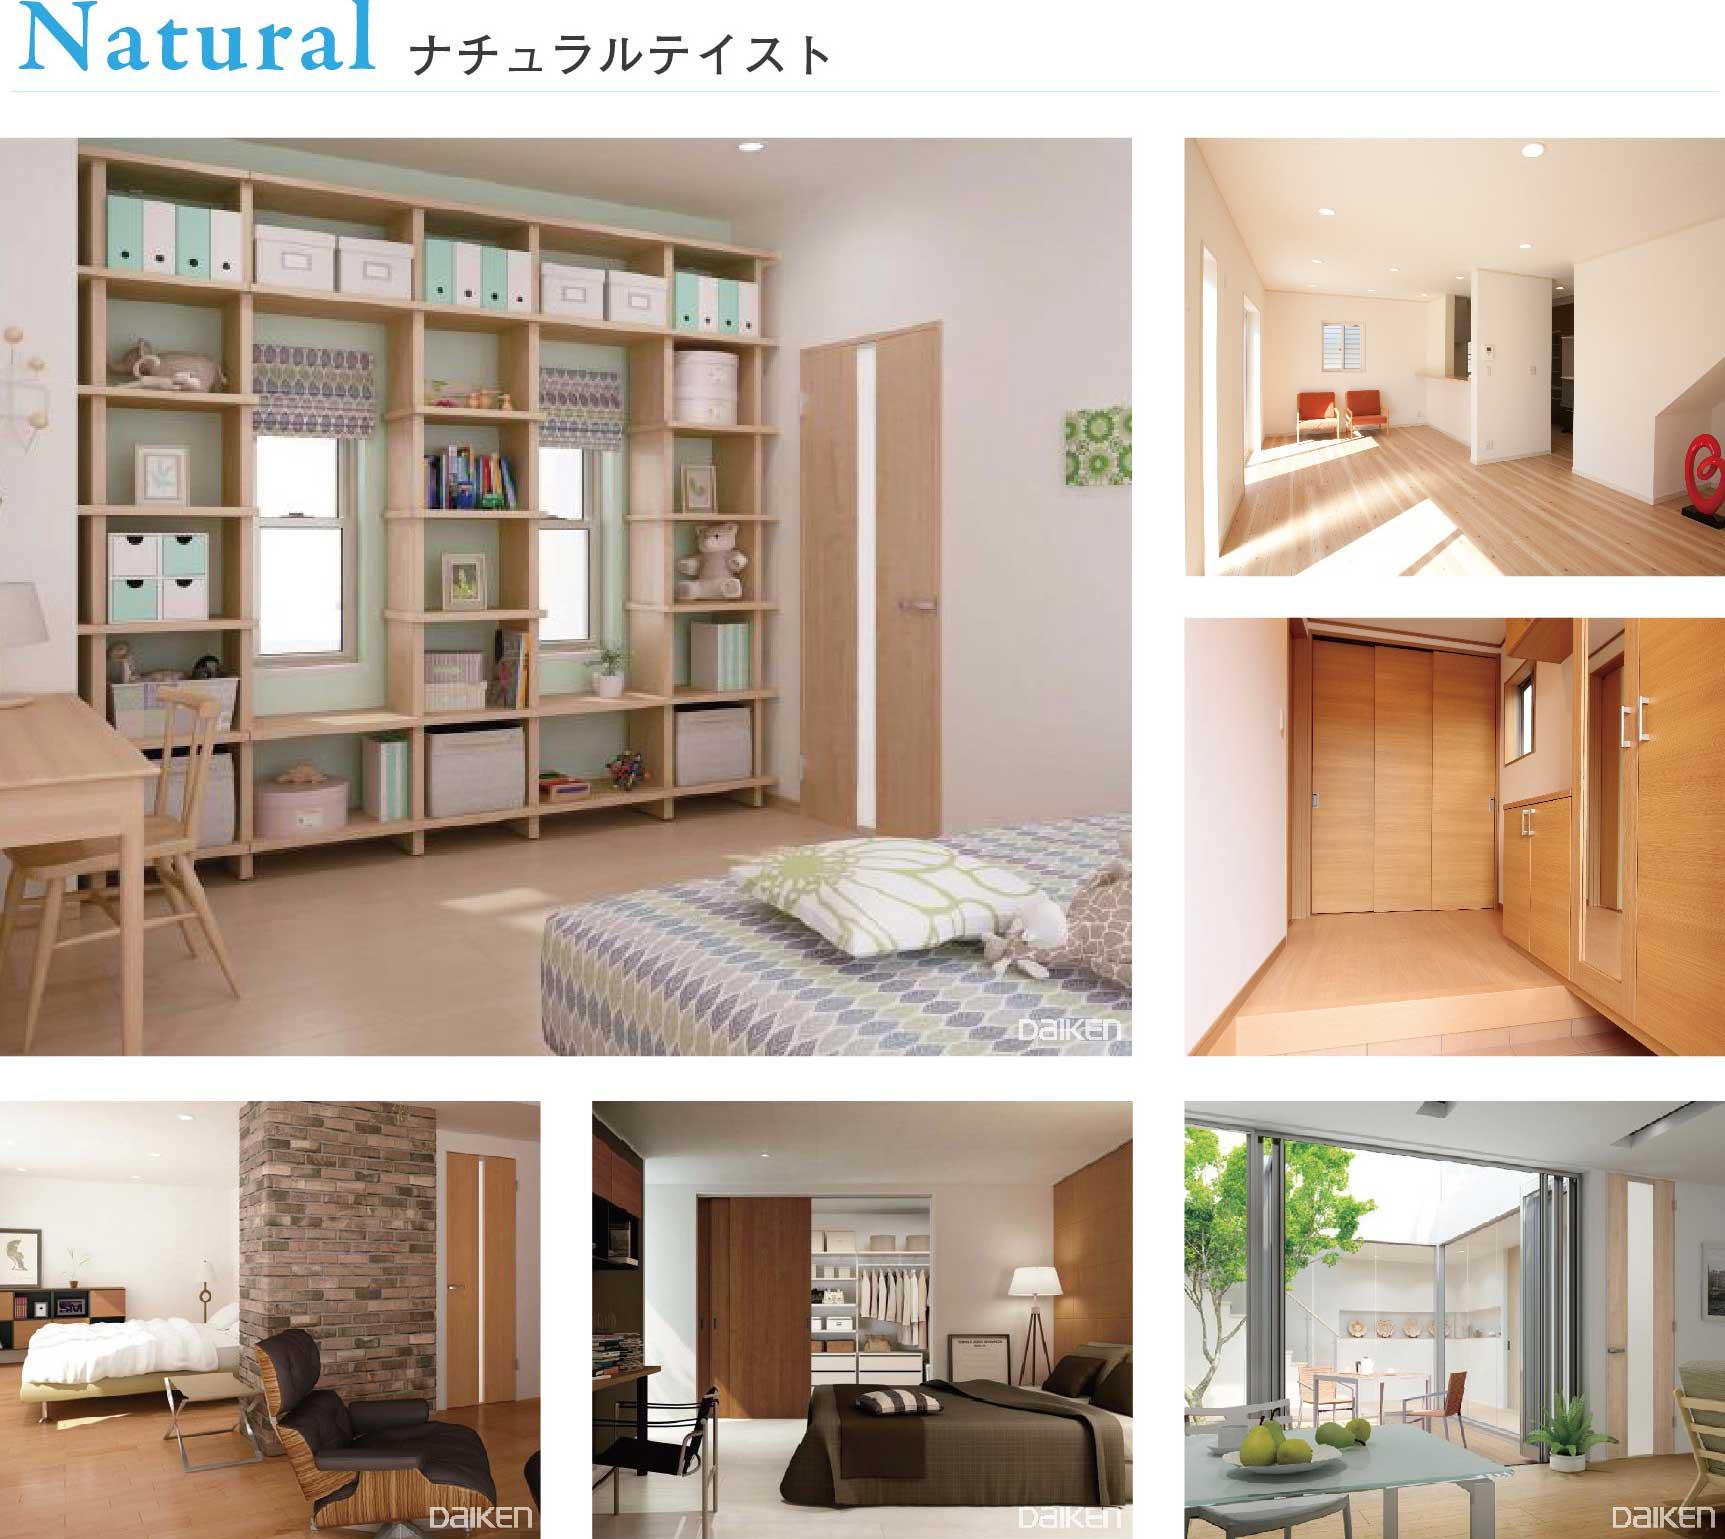 注文住宅の施工写真例「ナチュラルテイスト Natural」